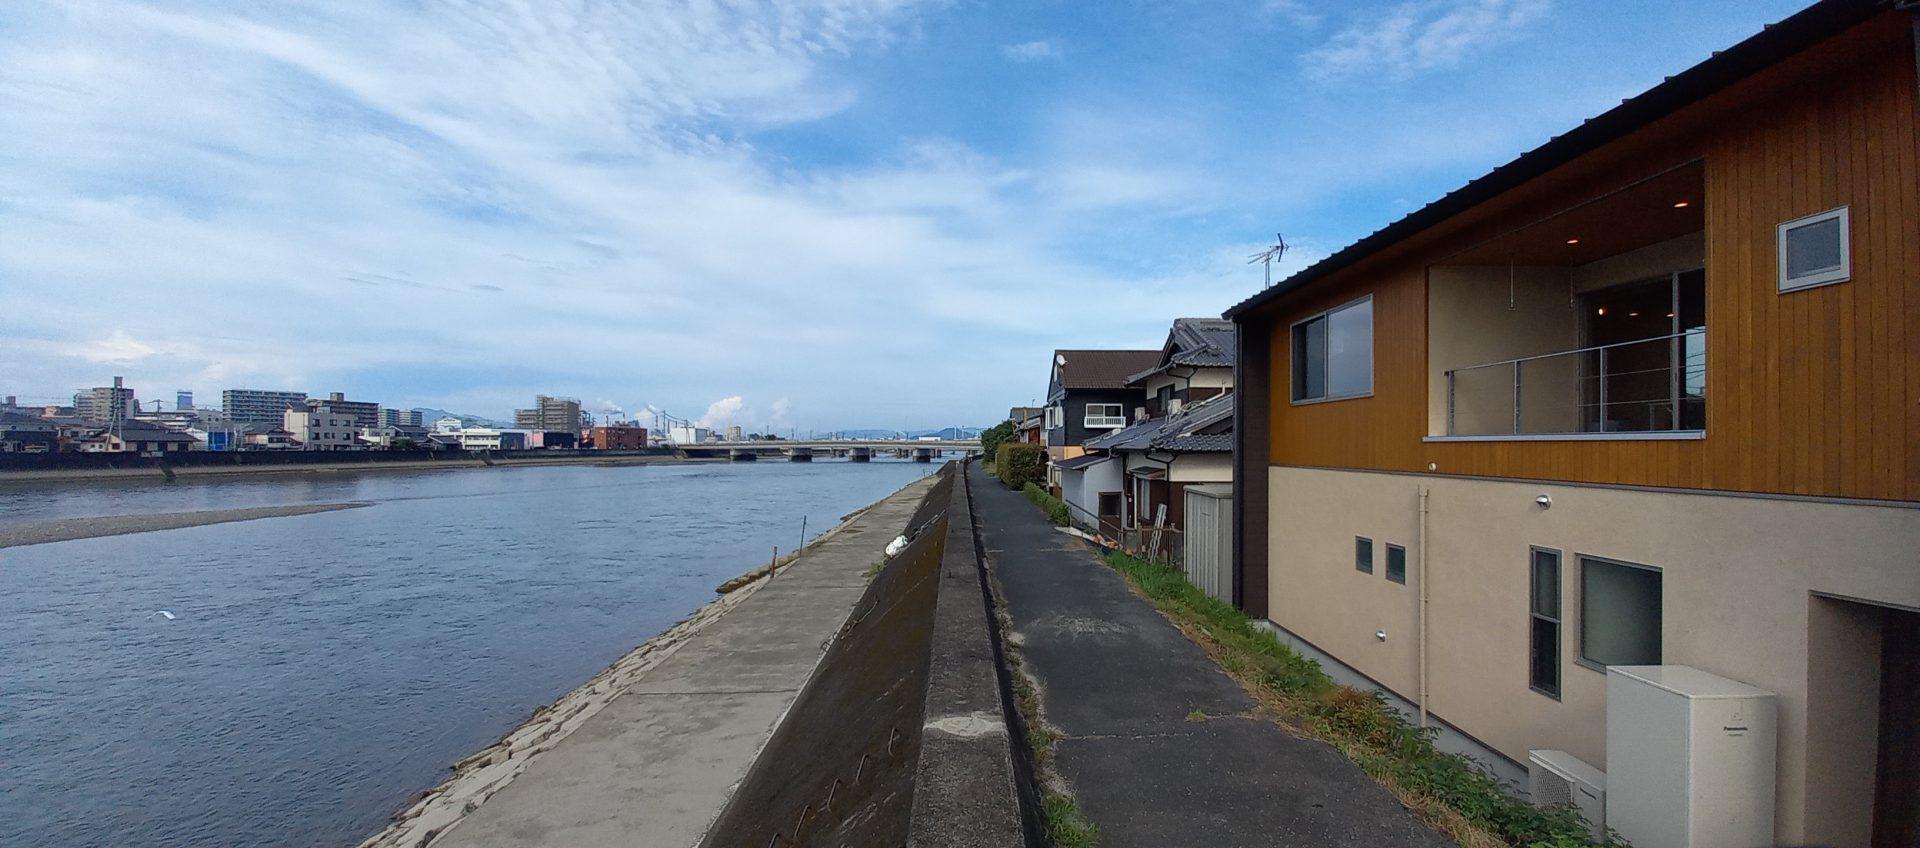 川の流れを感じる暮らし。ロケーションを活かした2階リビングの家